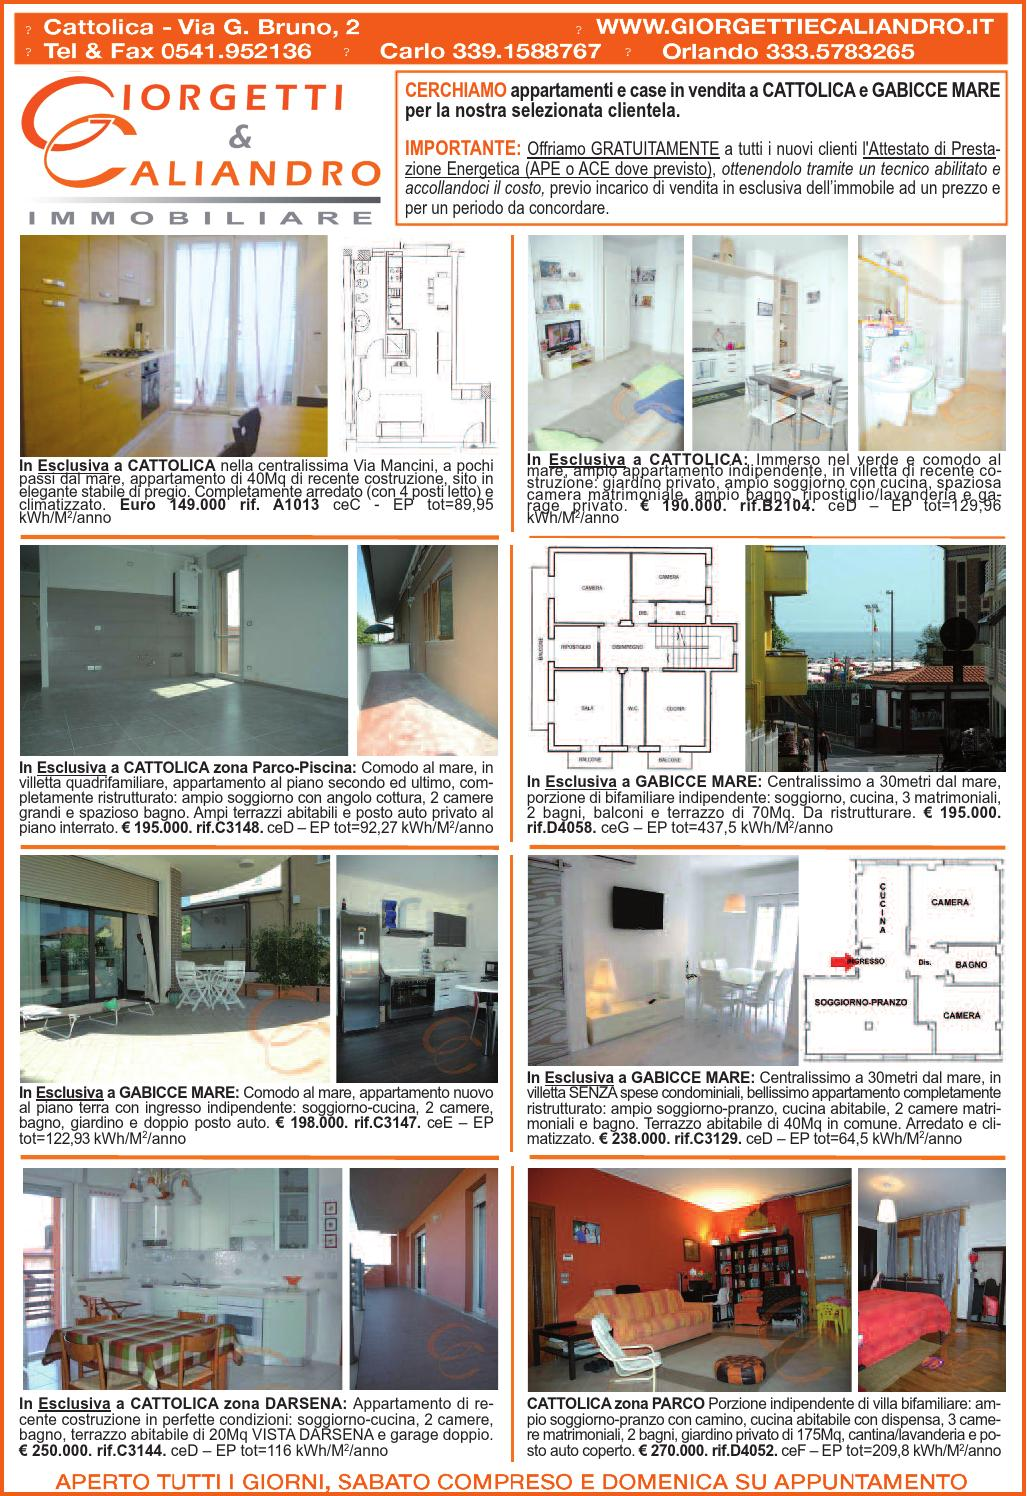 Appartamenti In Vendita A Cattolica Rn E Gabicce Mare